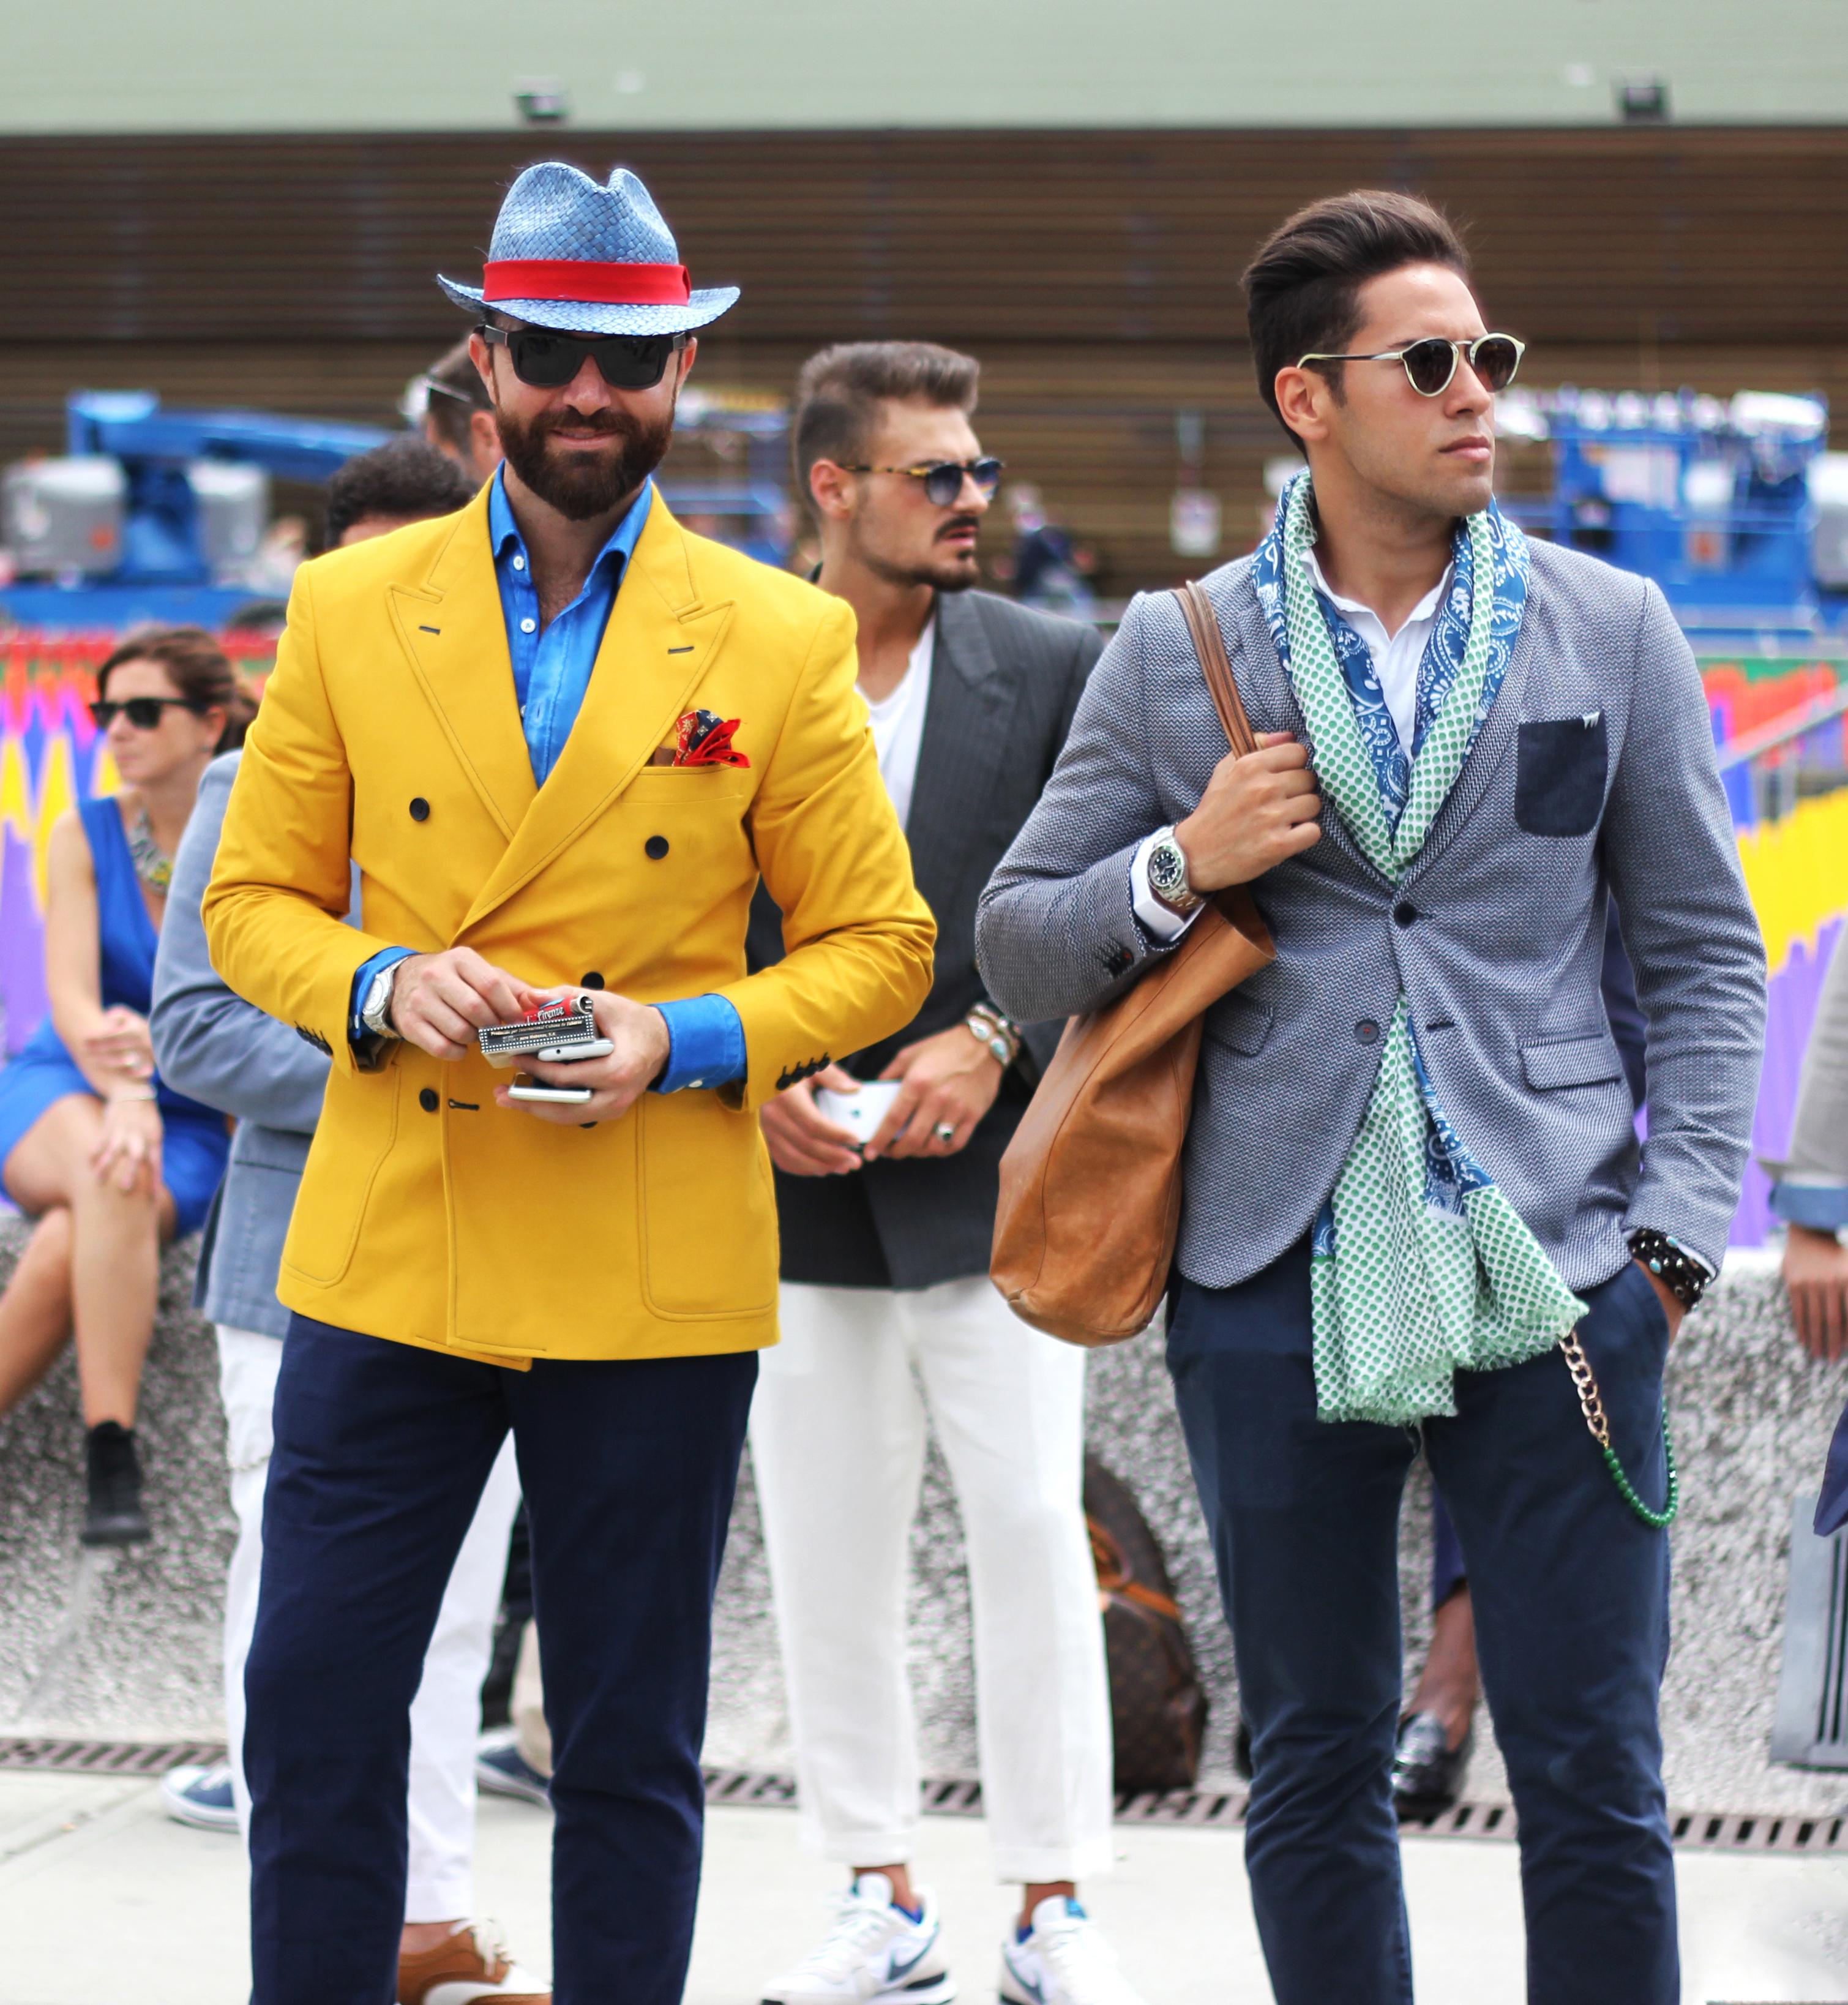 Men_in_colorful_suits_(Unsplash)